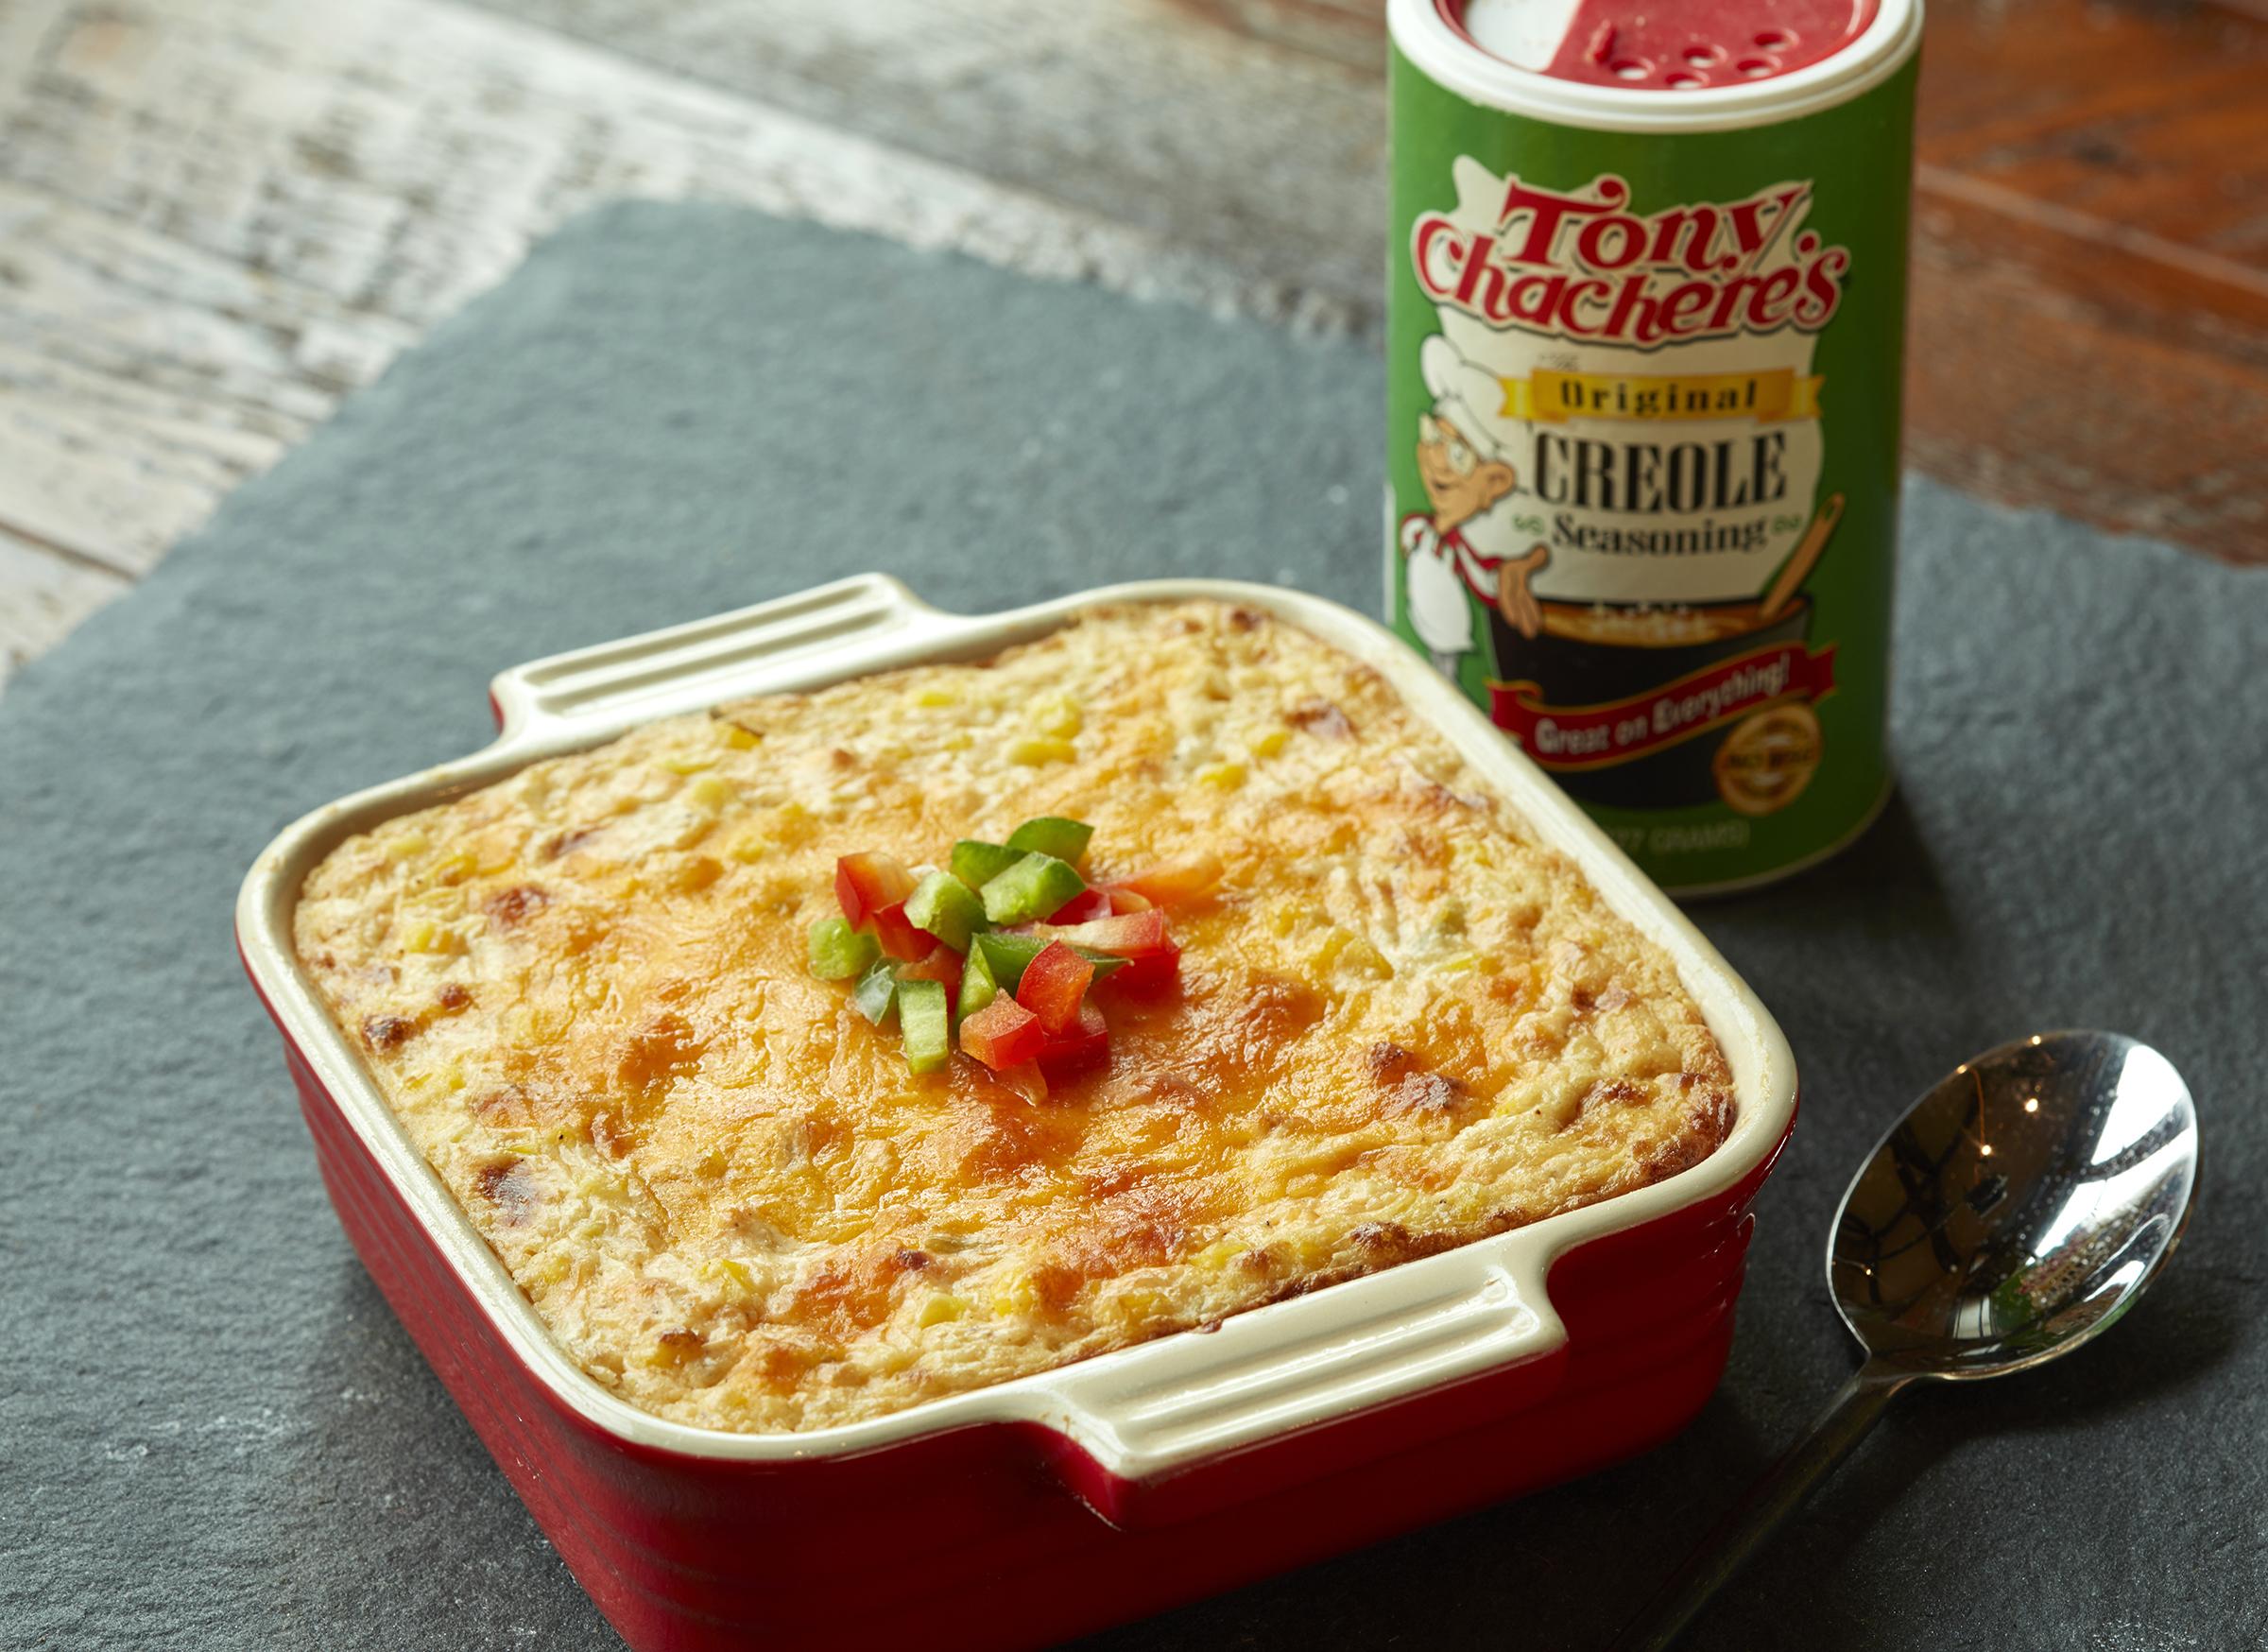 Cheesy Cajun Corn & Green Chile Casserole